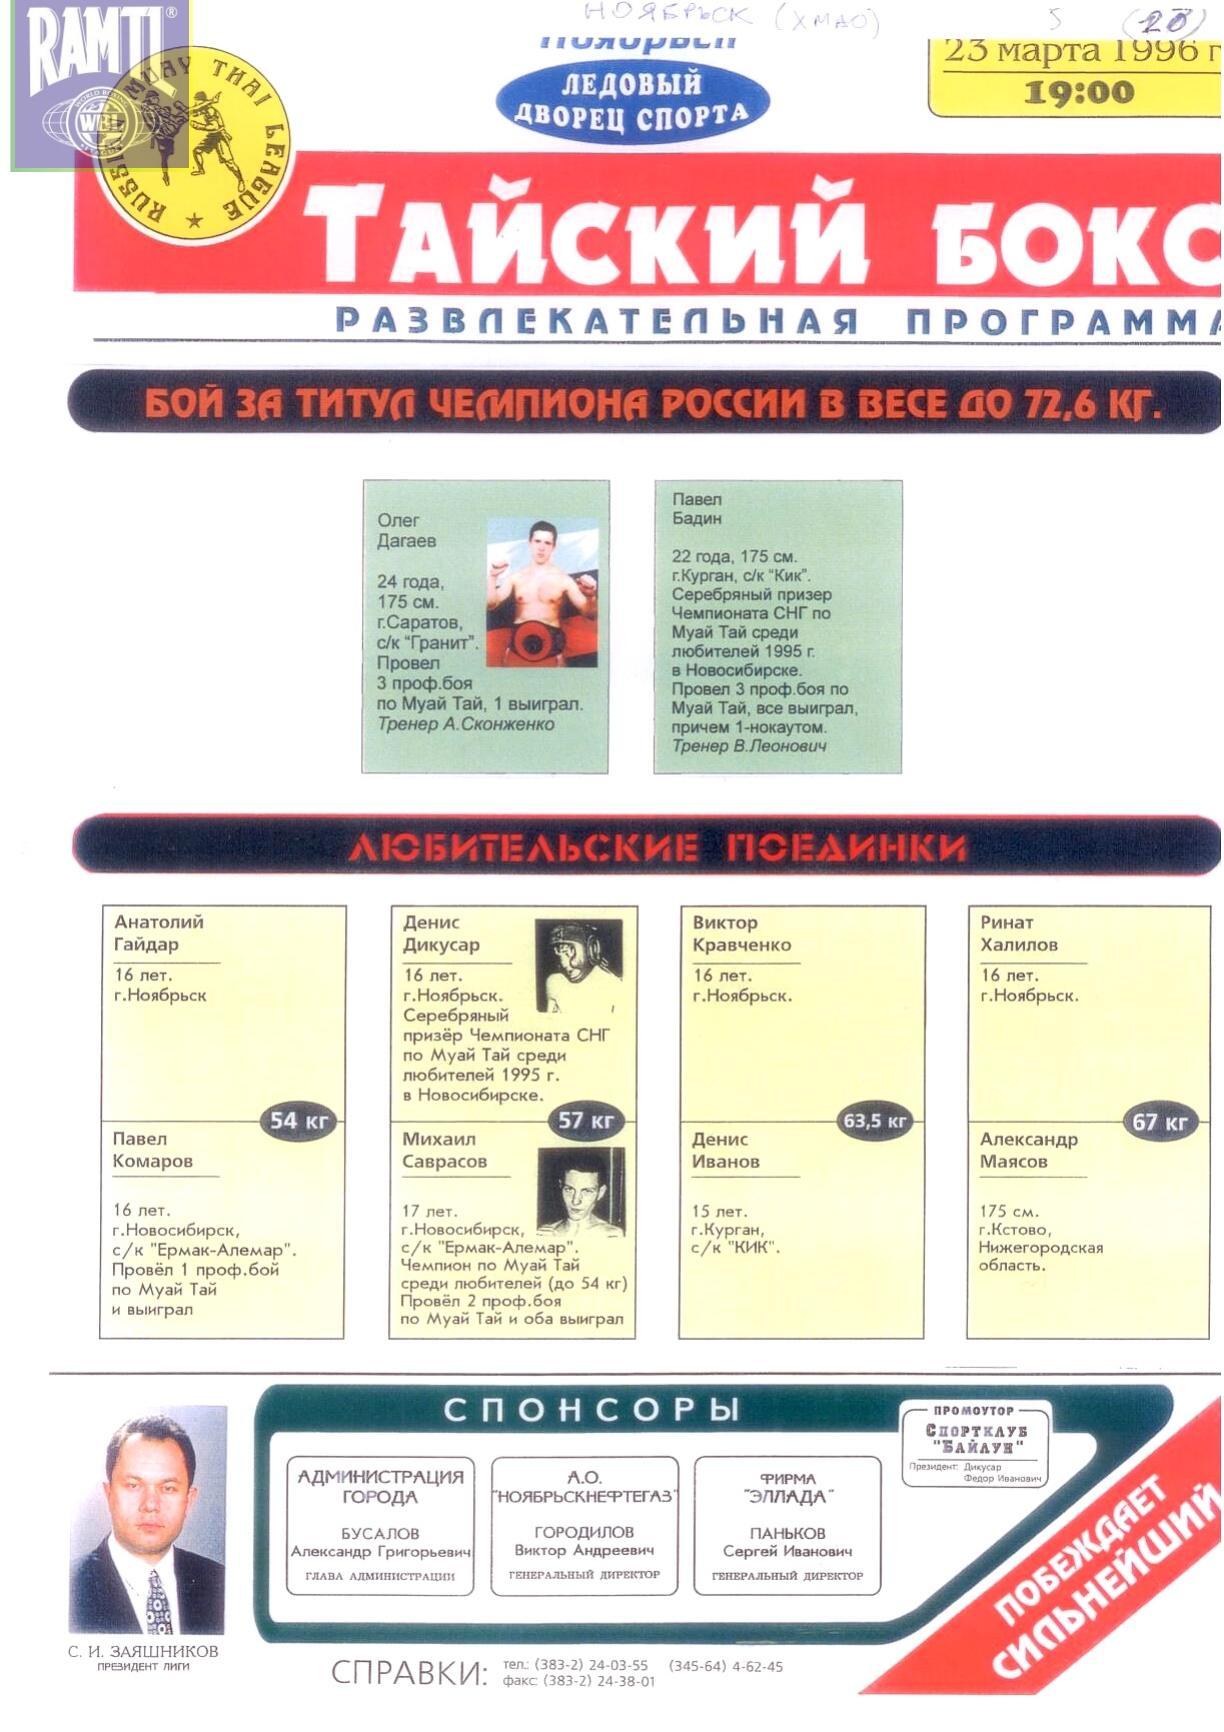 1996-03-23_Noqbrqsk